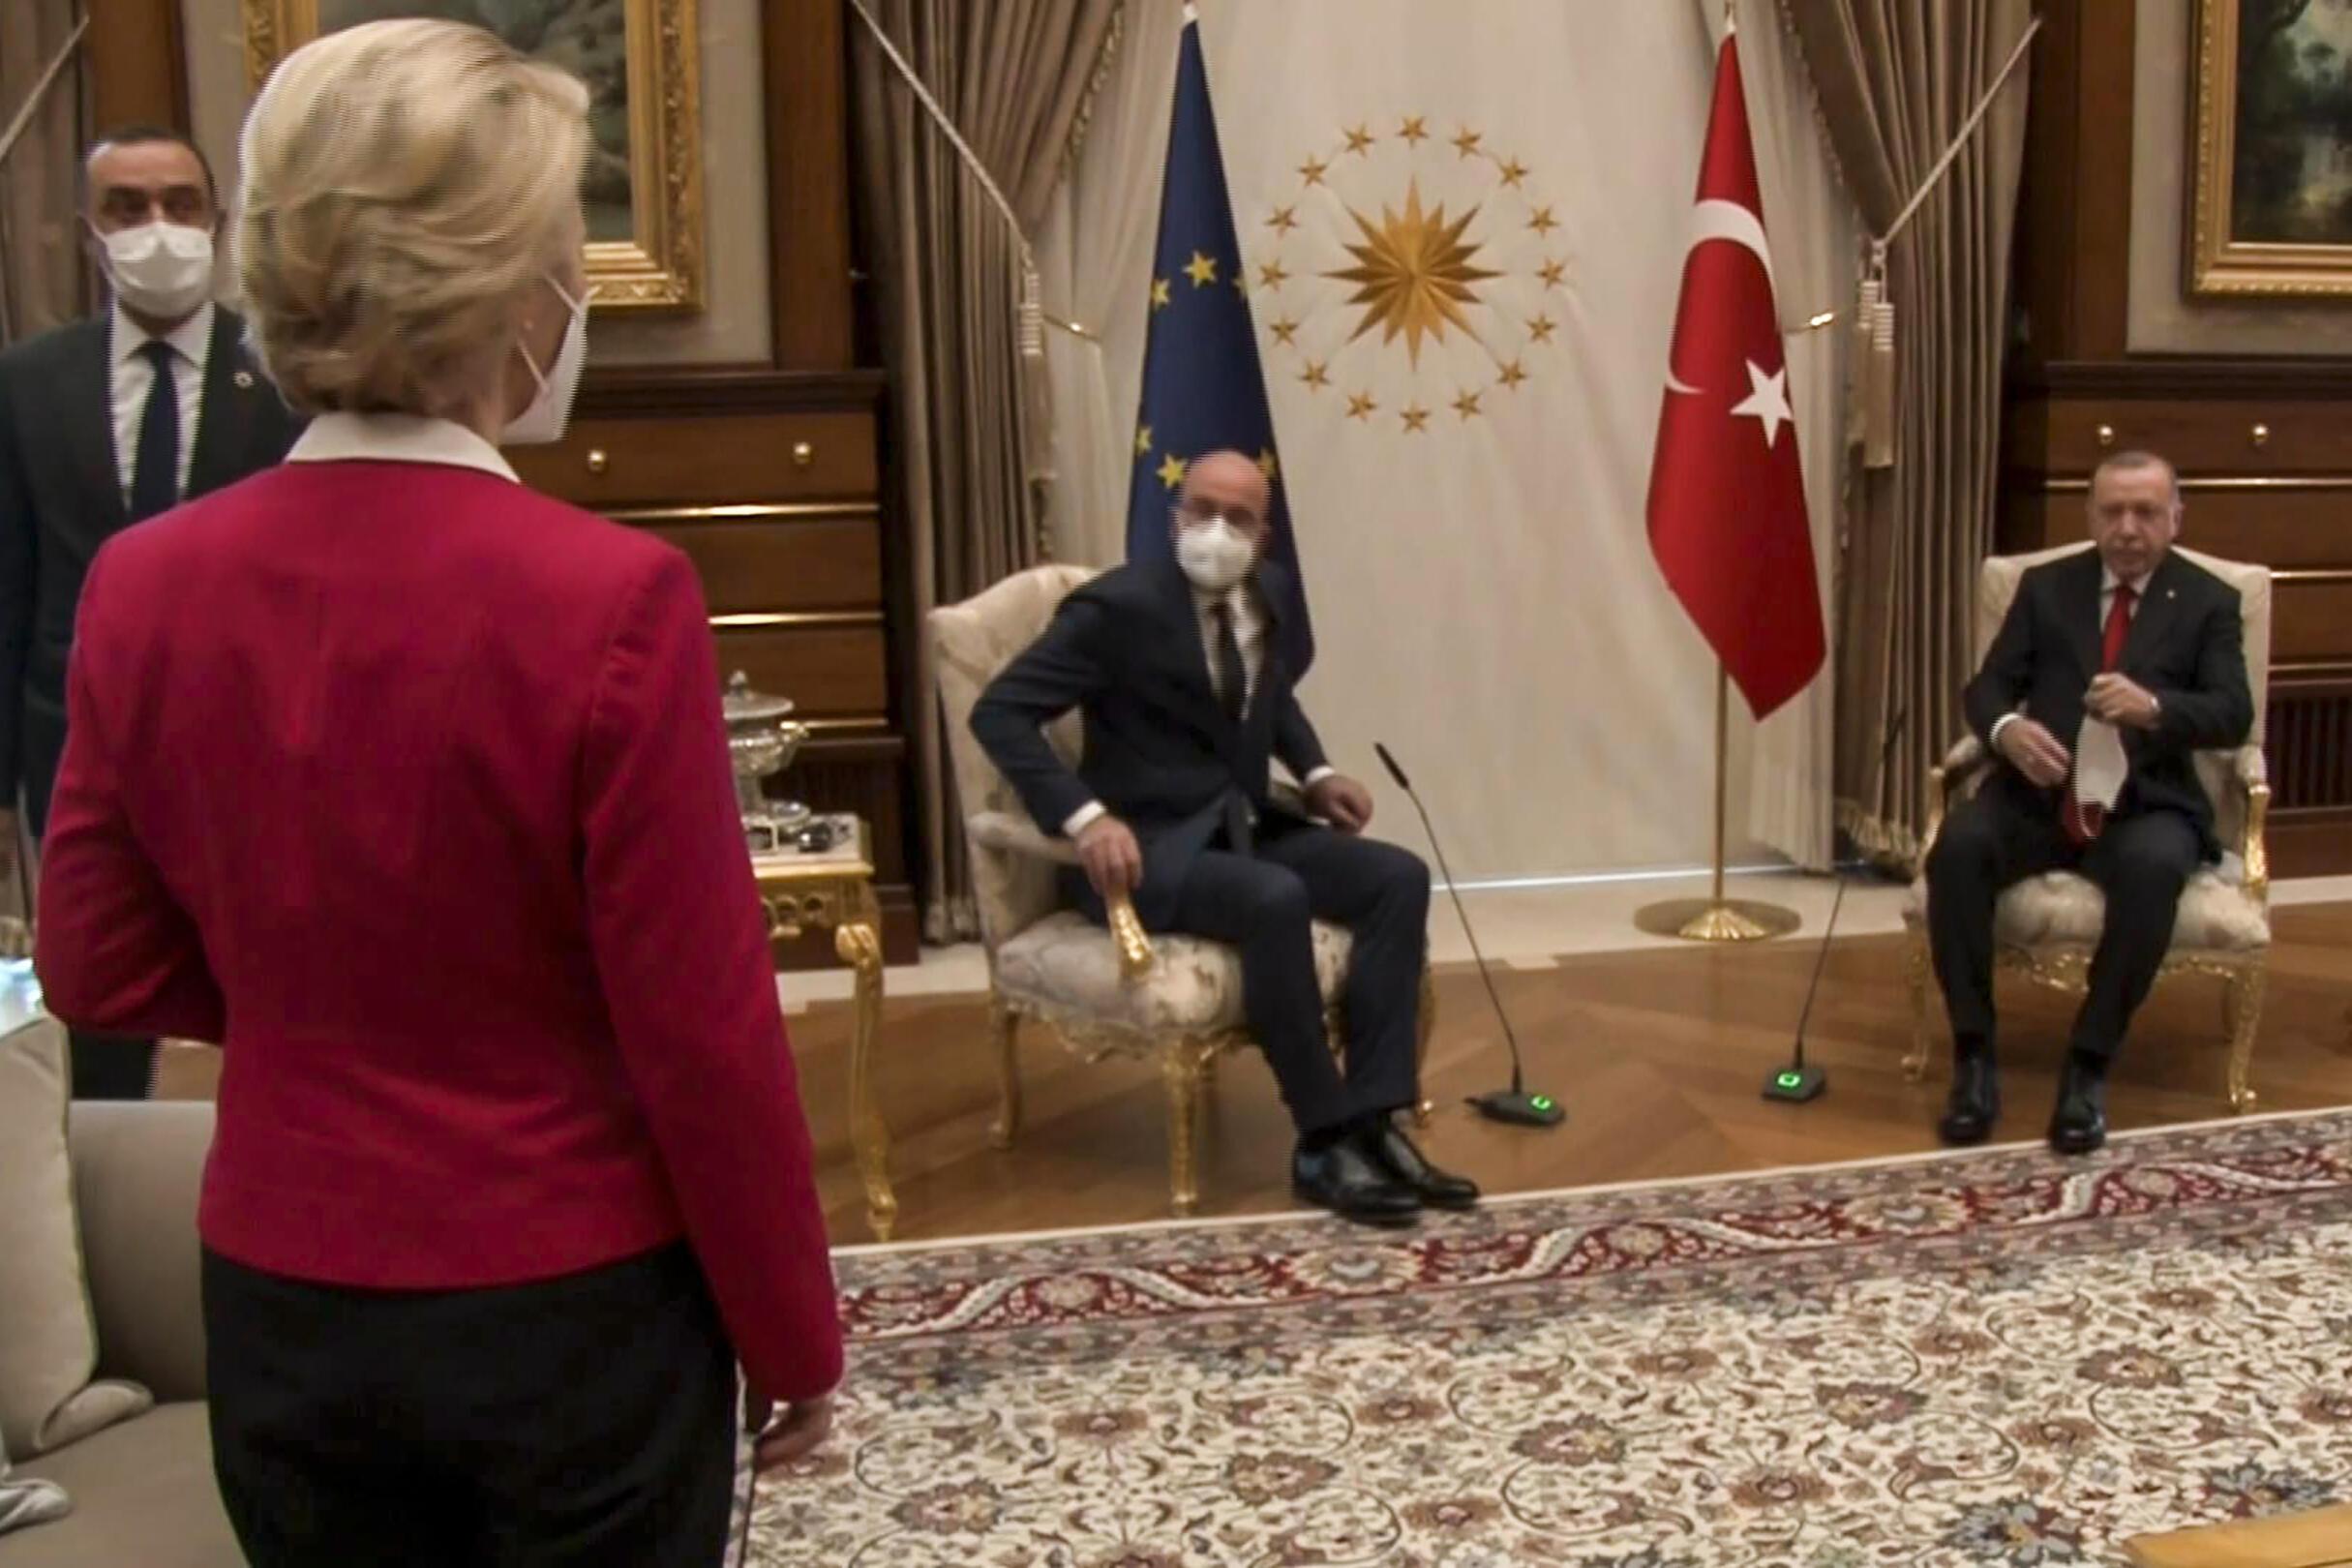 El presidente turco Recep Tayyip Erdogan (dcha) junto al presidente del Consejo Europeo, Charles Michel, y la presidenta de la Comisión Europea, Ursula von der Leyen (izq), en Ankara, el 6 de abril de 2021